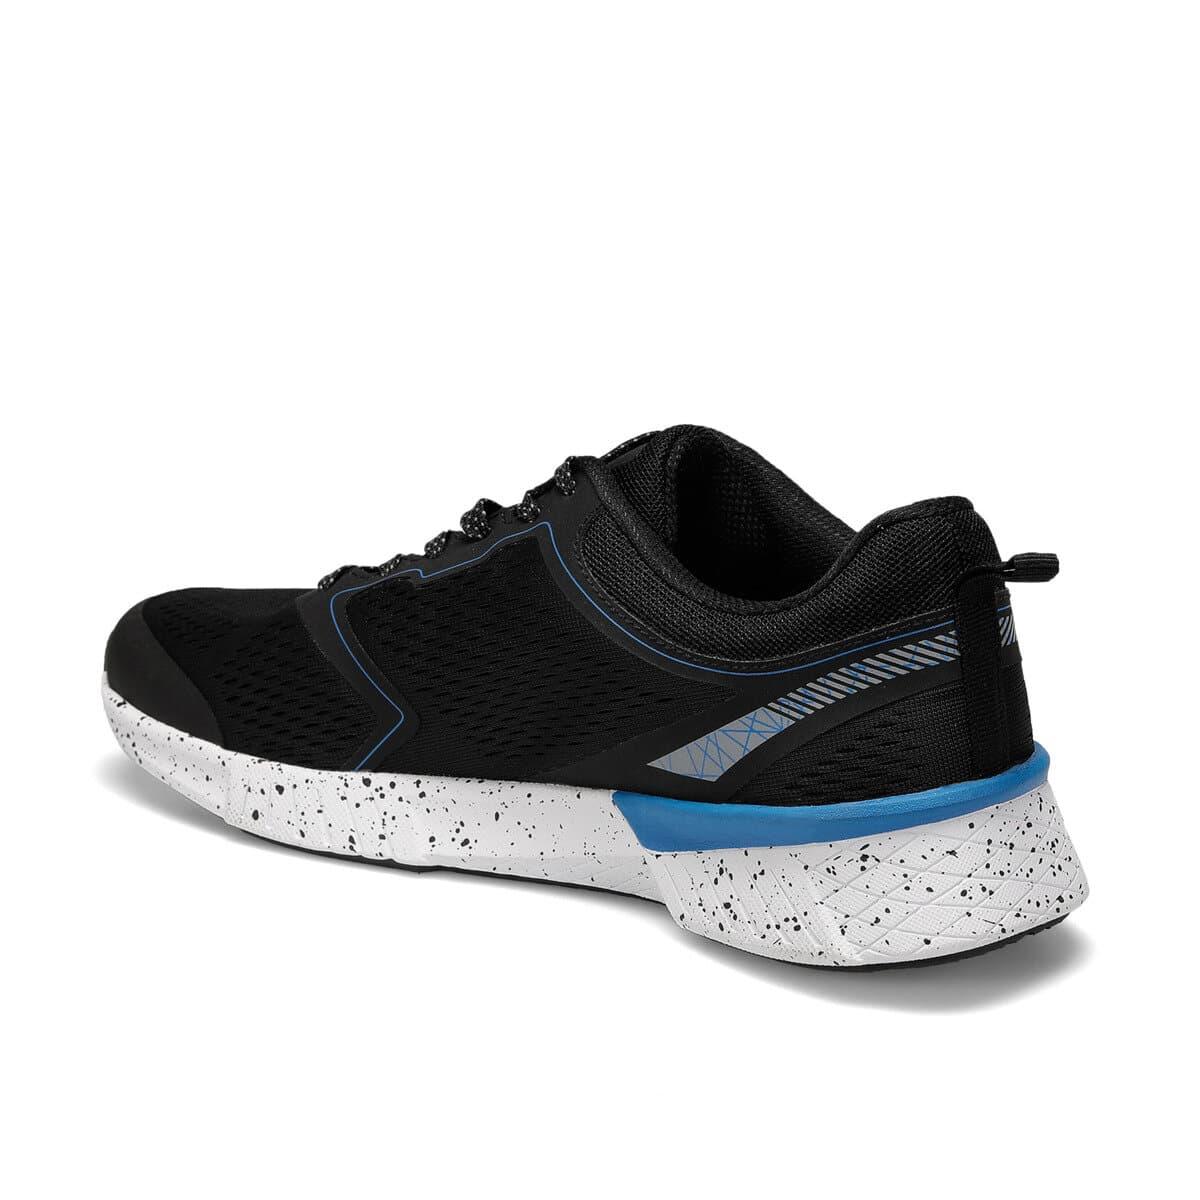 Harry Siyah Erkek Koşu Ayakkabısı